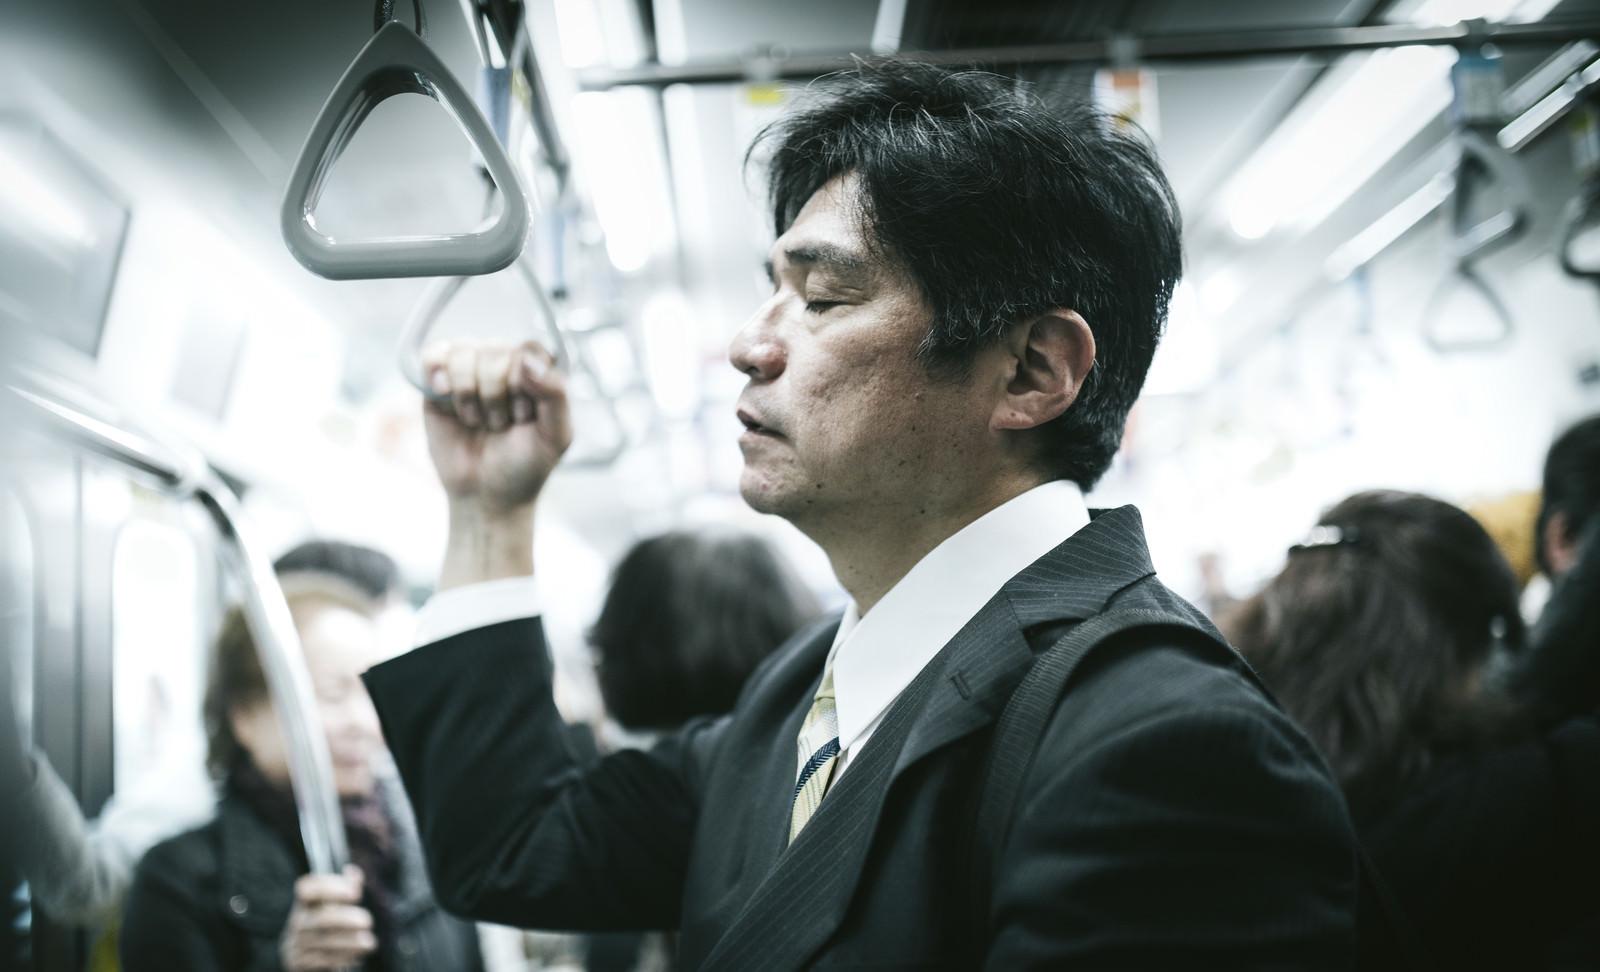 「電車の中で、立ったまま寝る中年男性電車の中で、立ったまま寝る中年男性」のフリー写真素材を拡大